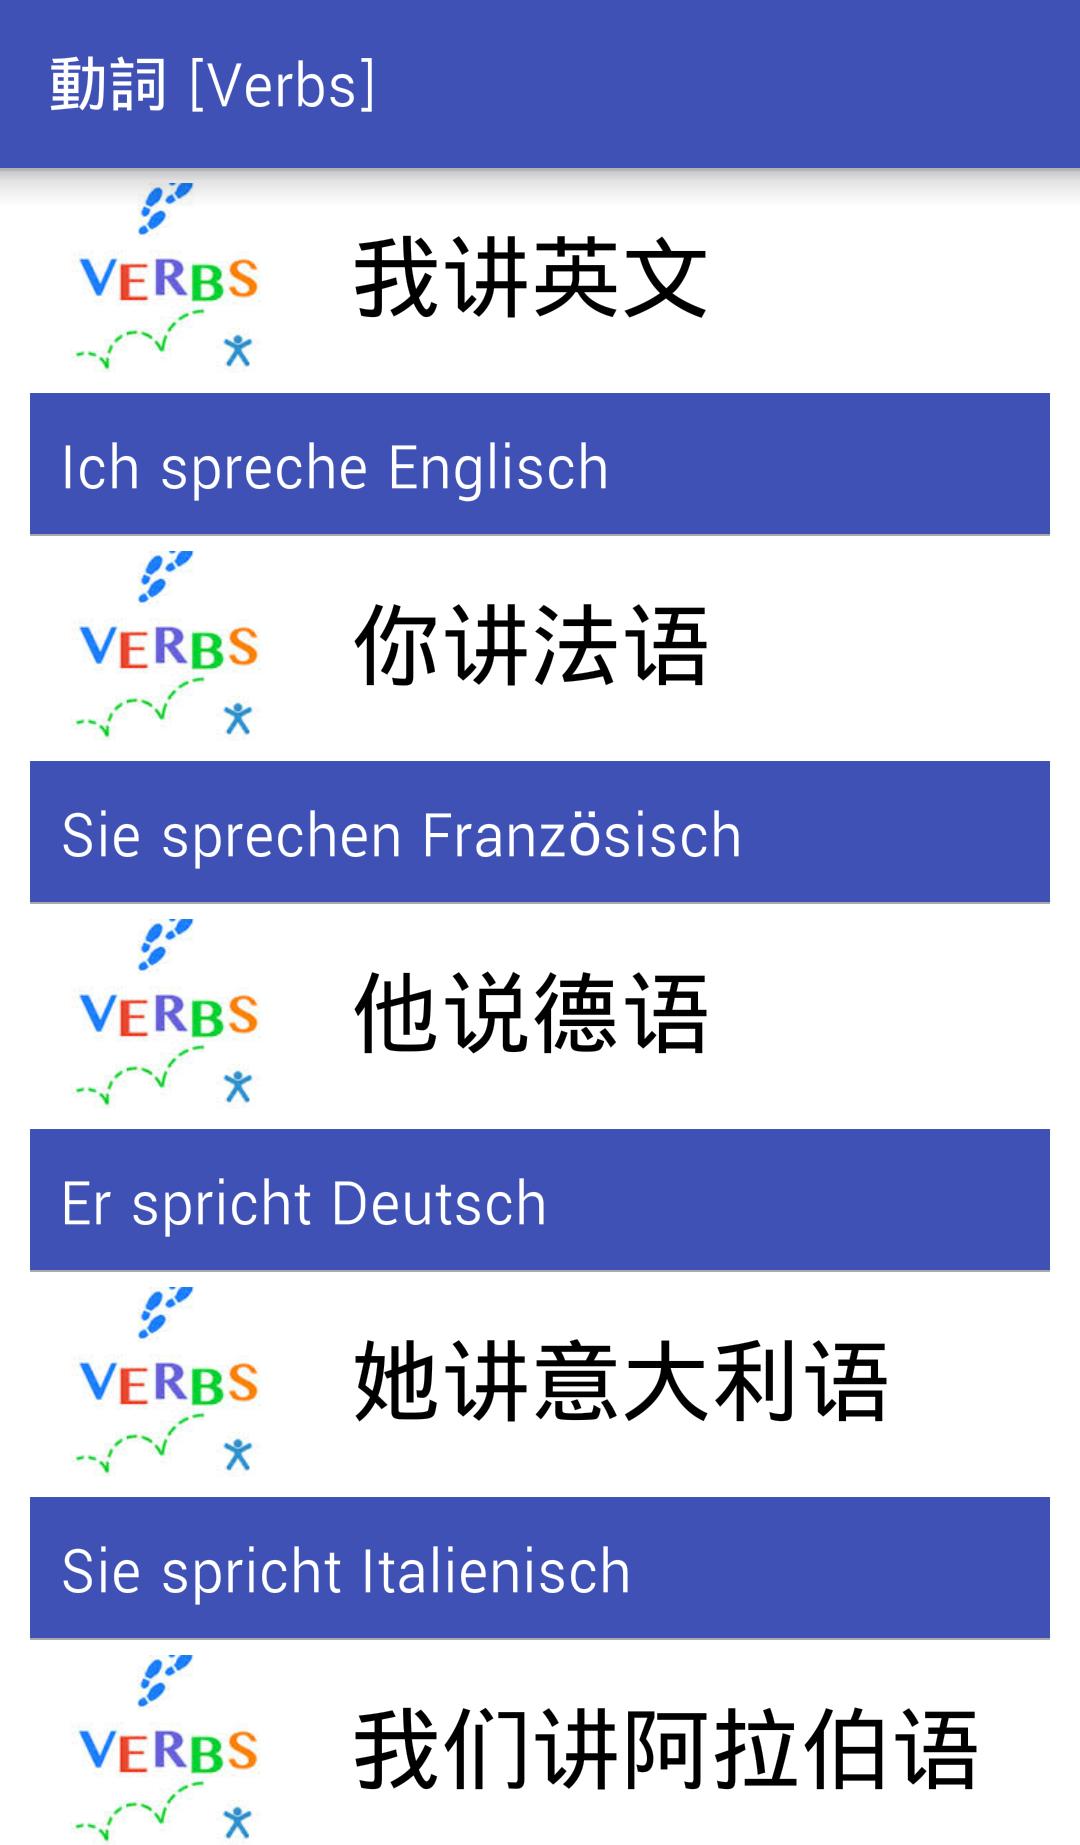 德语易-应用截图